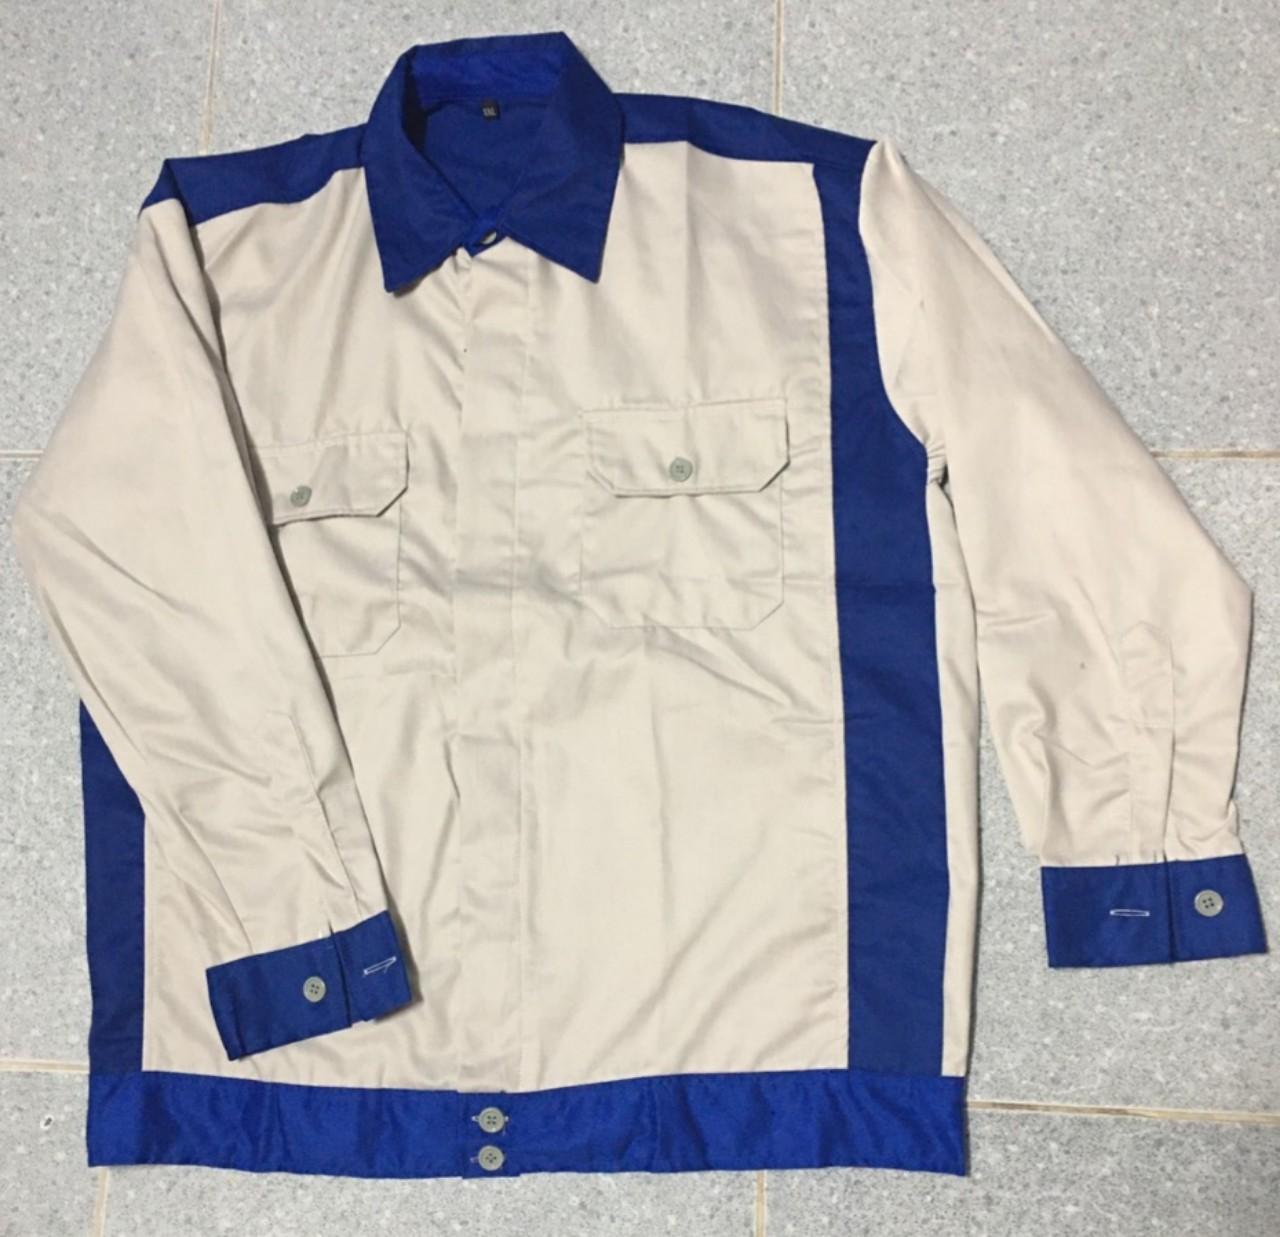 Áo công nhân may sẵn màu xám trắng phối xanh.